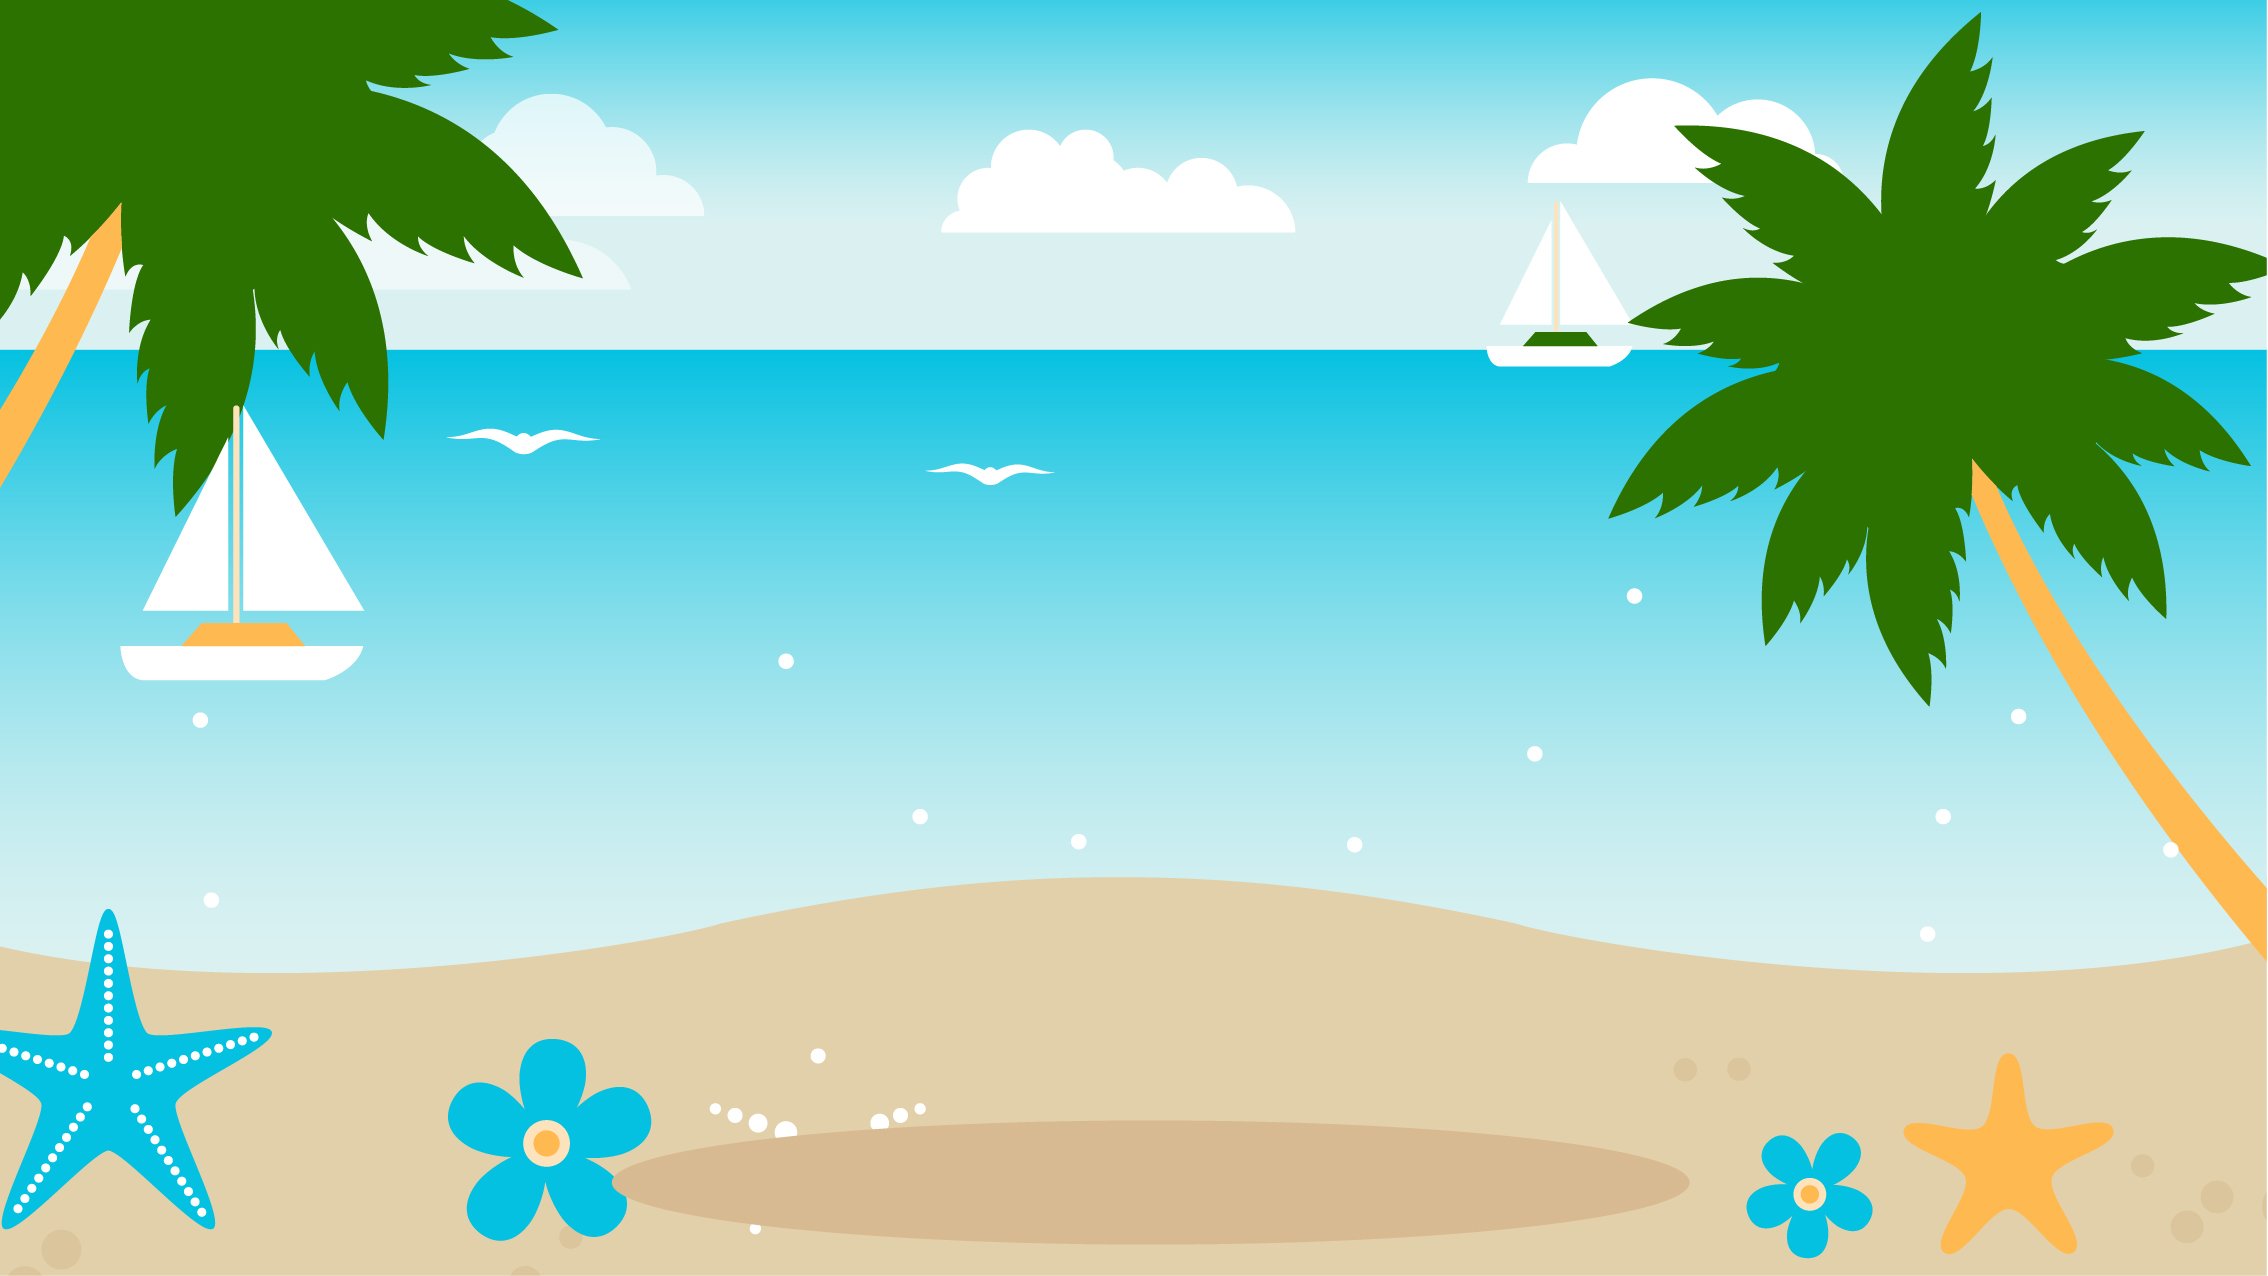 sur la coquille de fond des coquillages la plage image de